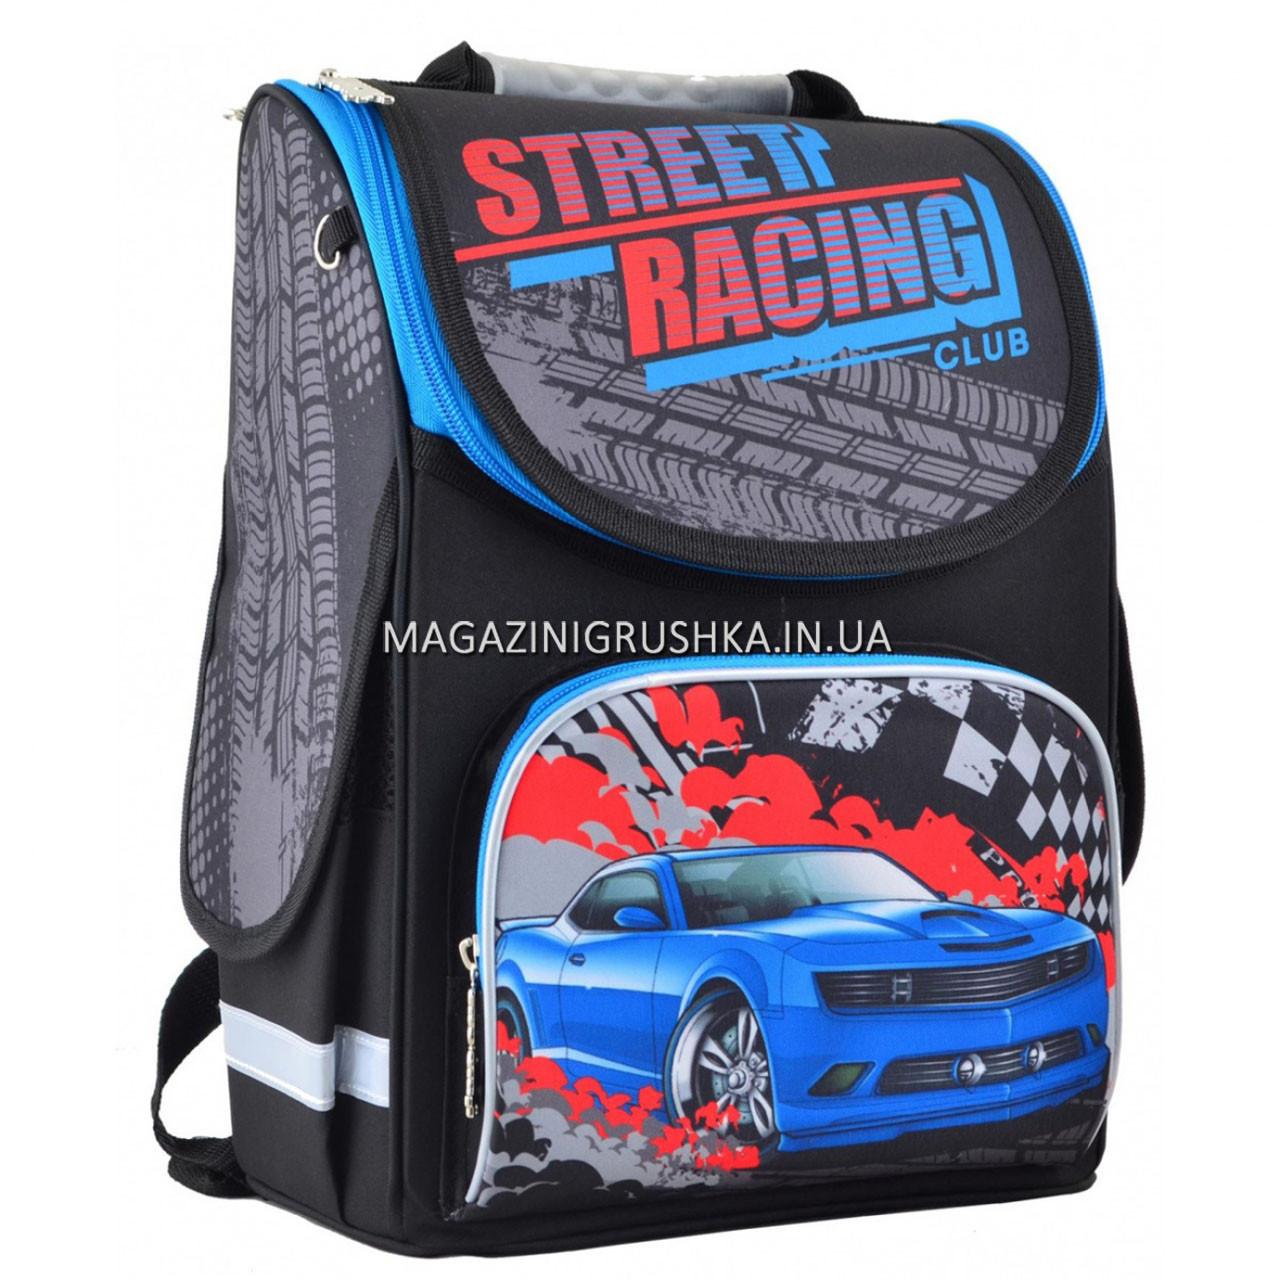 Рюкзак шкільний каркасний Smart PG-11 Street racing